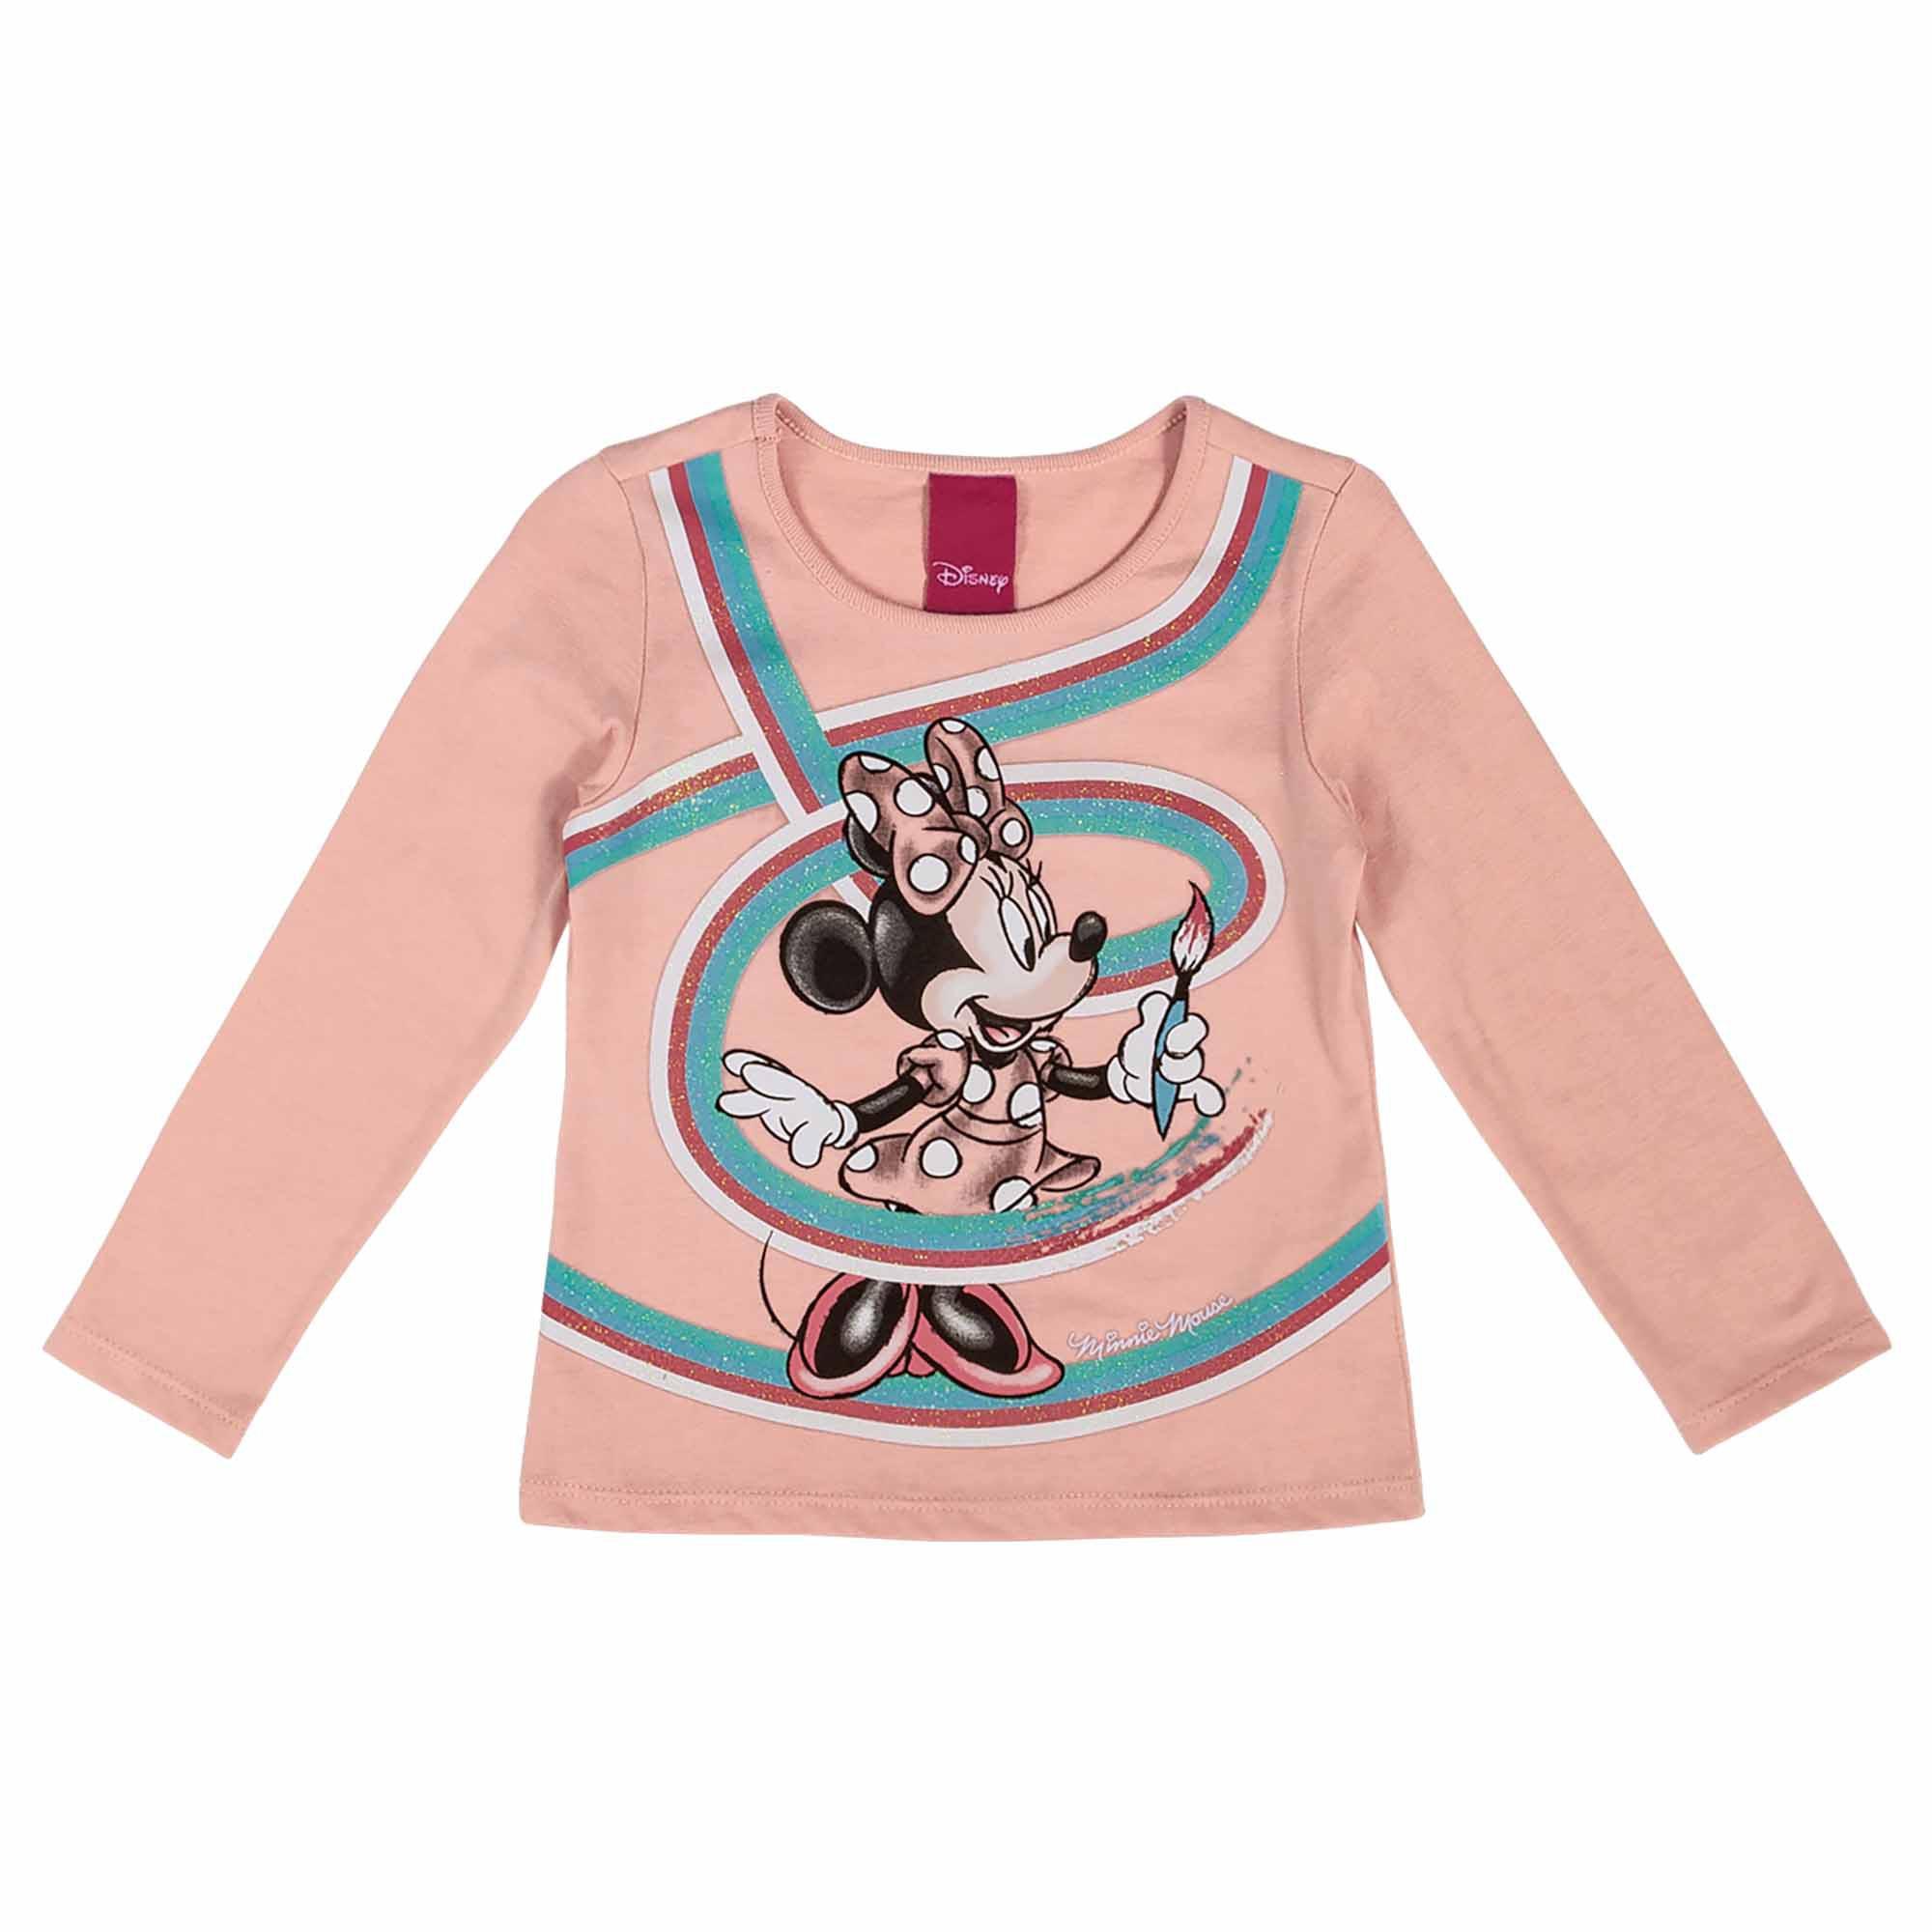 Blusa Cativa Estampa Glitter Minnie Pintando com Pincel - 1 ao 3